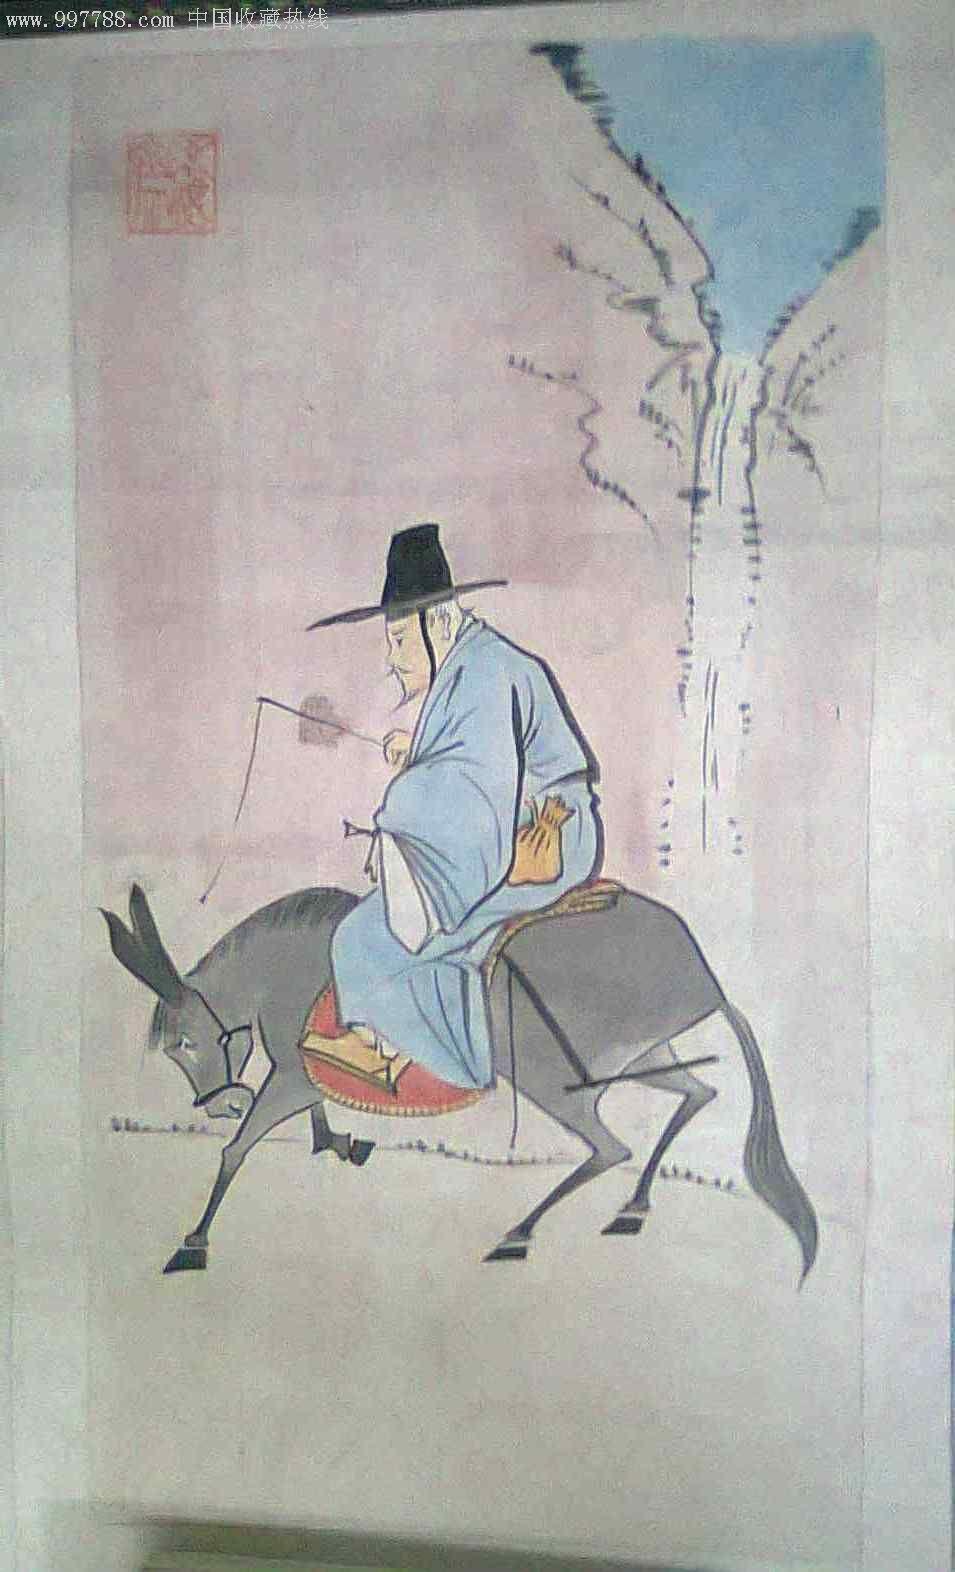 26814198【朝鲜新义州画店】_第1张_7788收藏__中国收藏热线图片